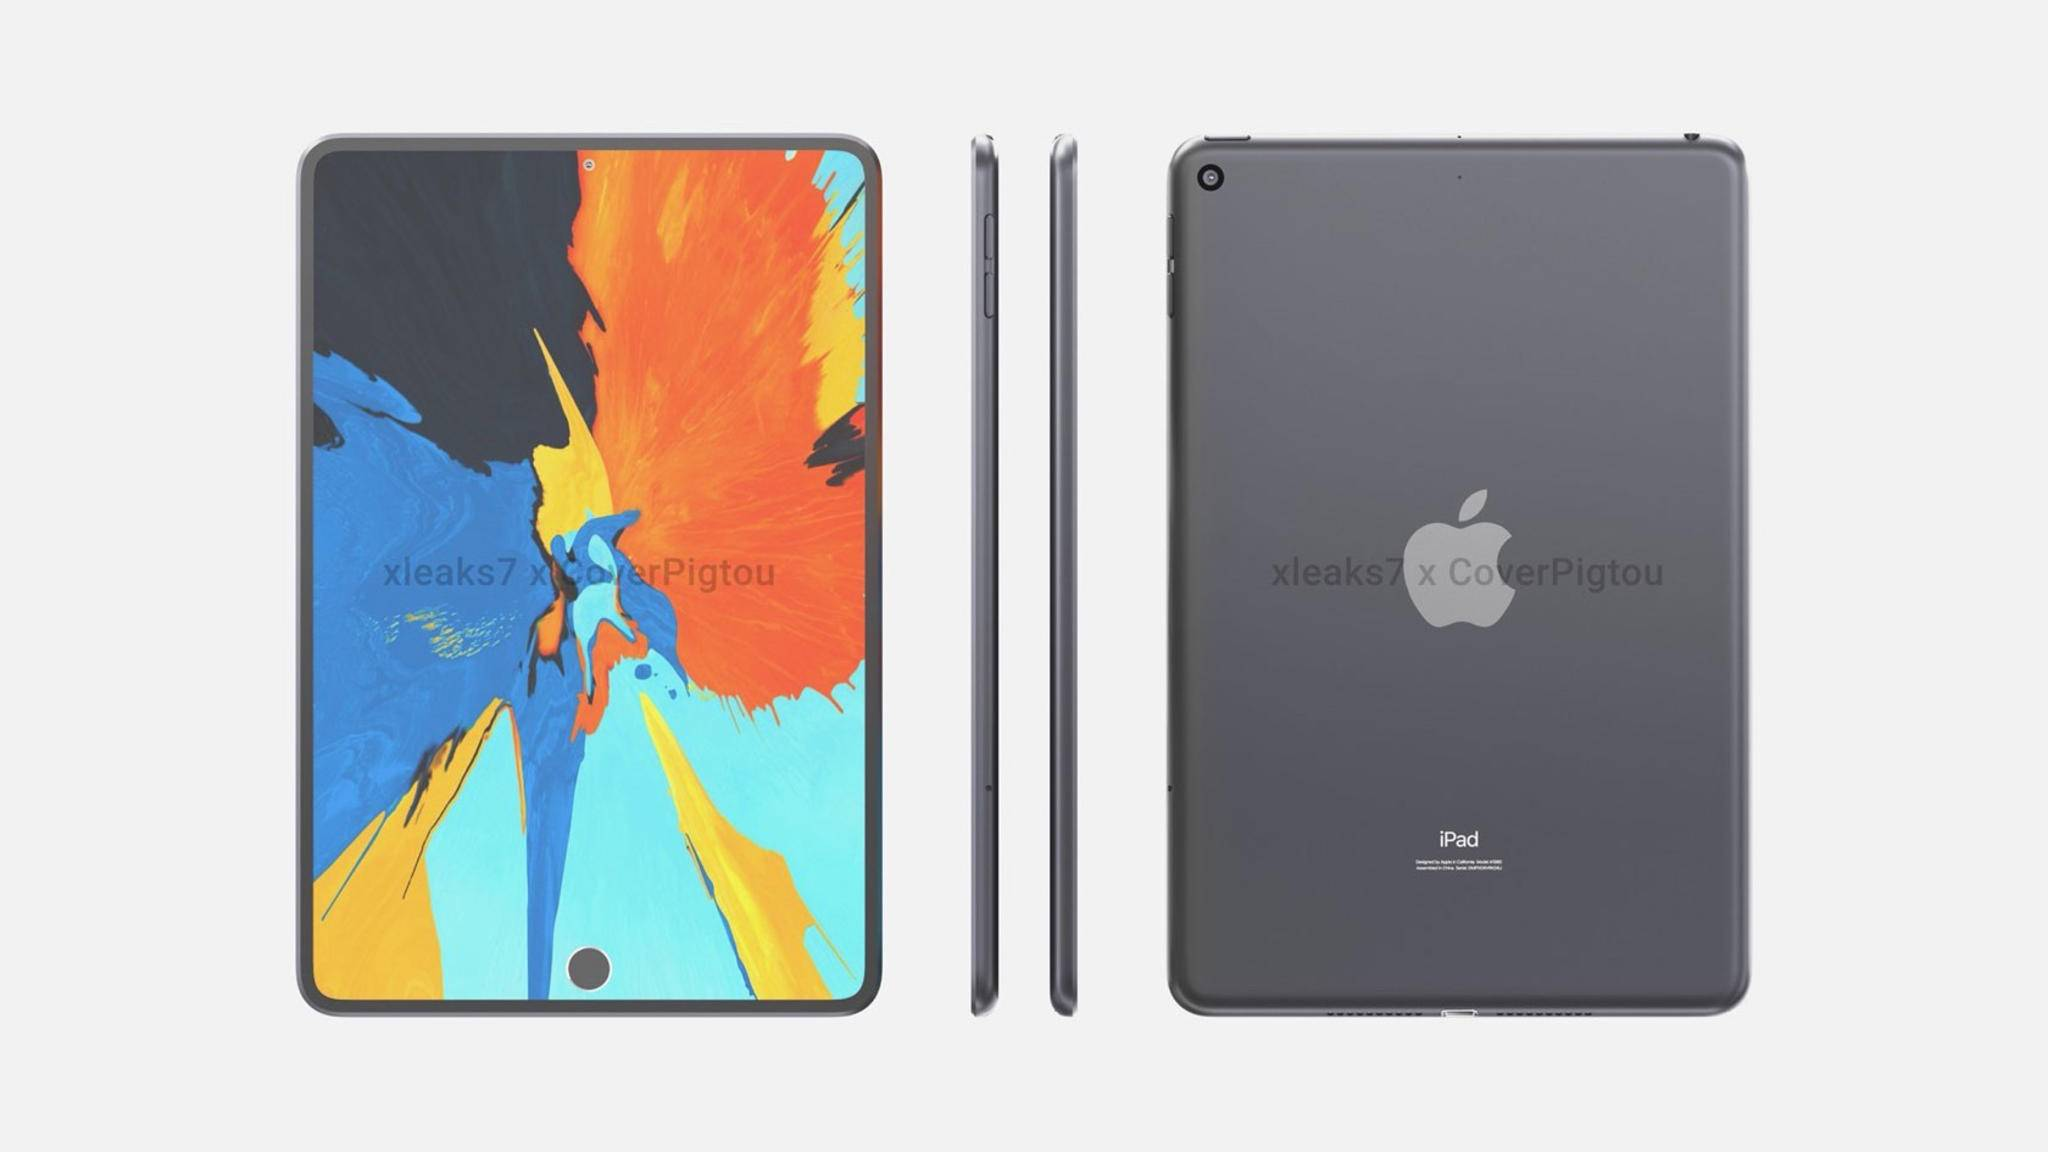 Wird das neue iPad mini 6 tatsächlich so aussehen? (Konzeptbild)